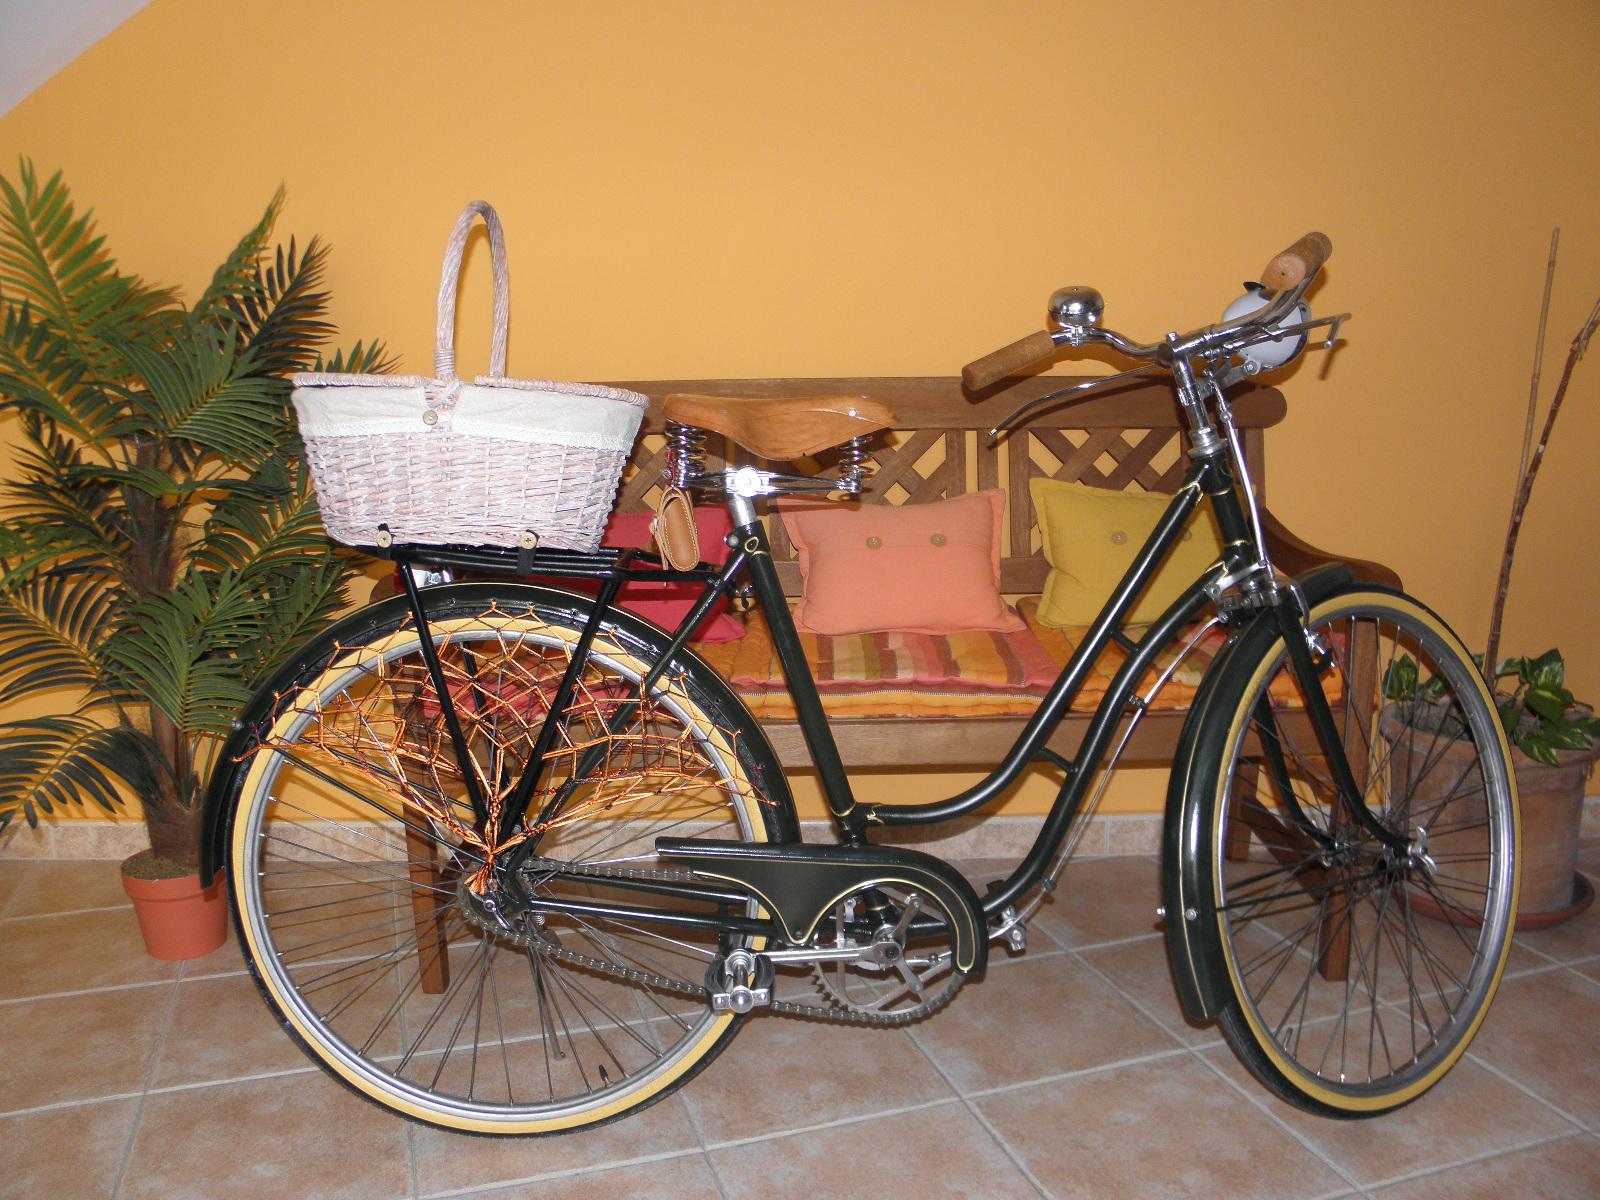 Bici lenta ciclismo urbano y cicloturismo sin prisas for Bicicletas antiguas nuevas